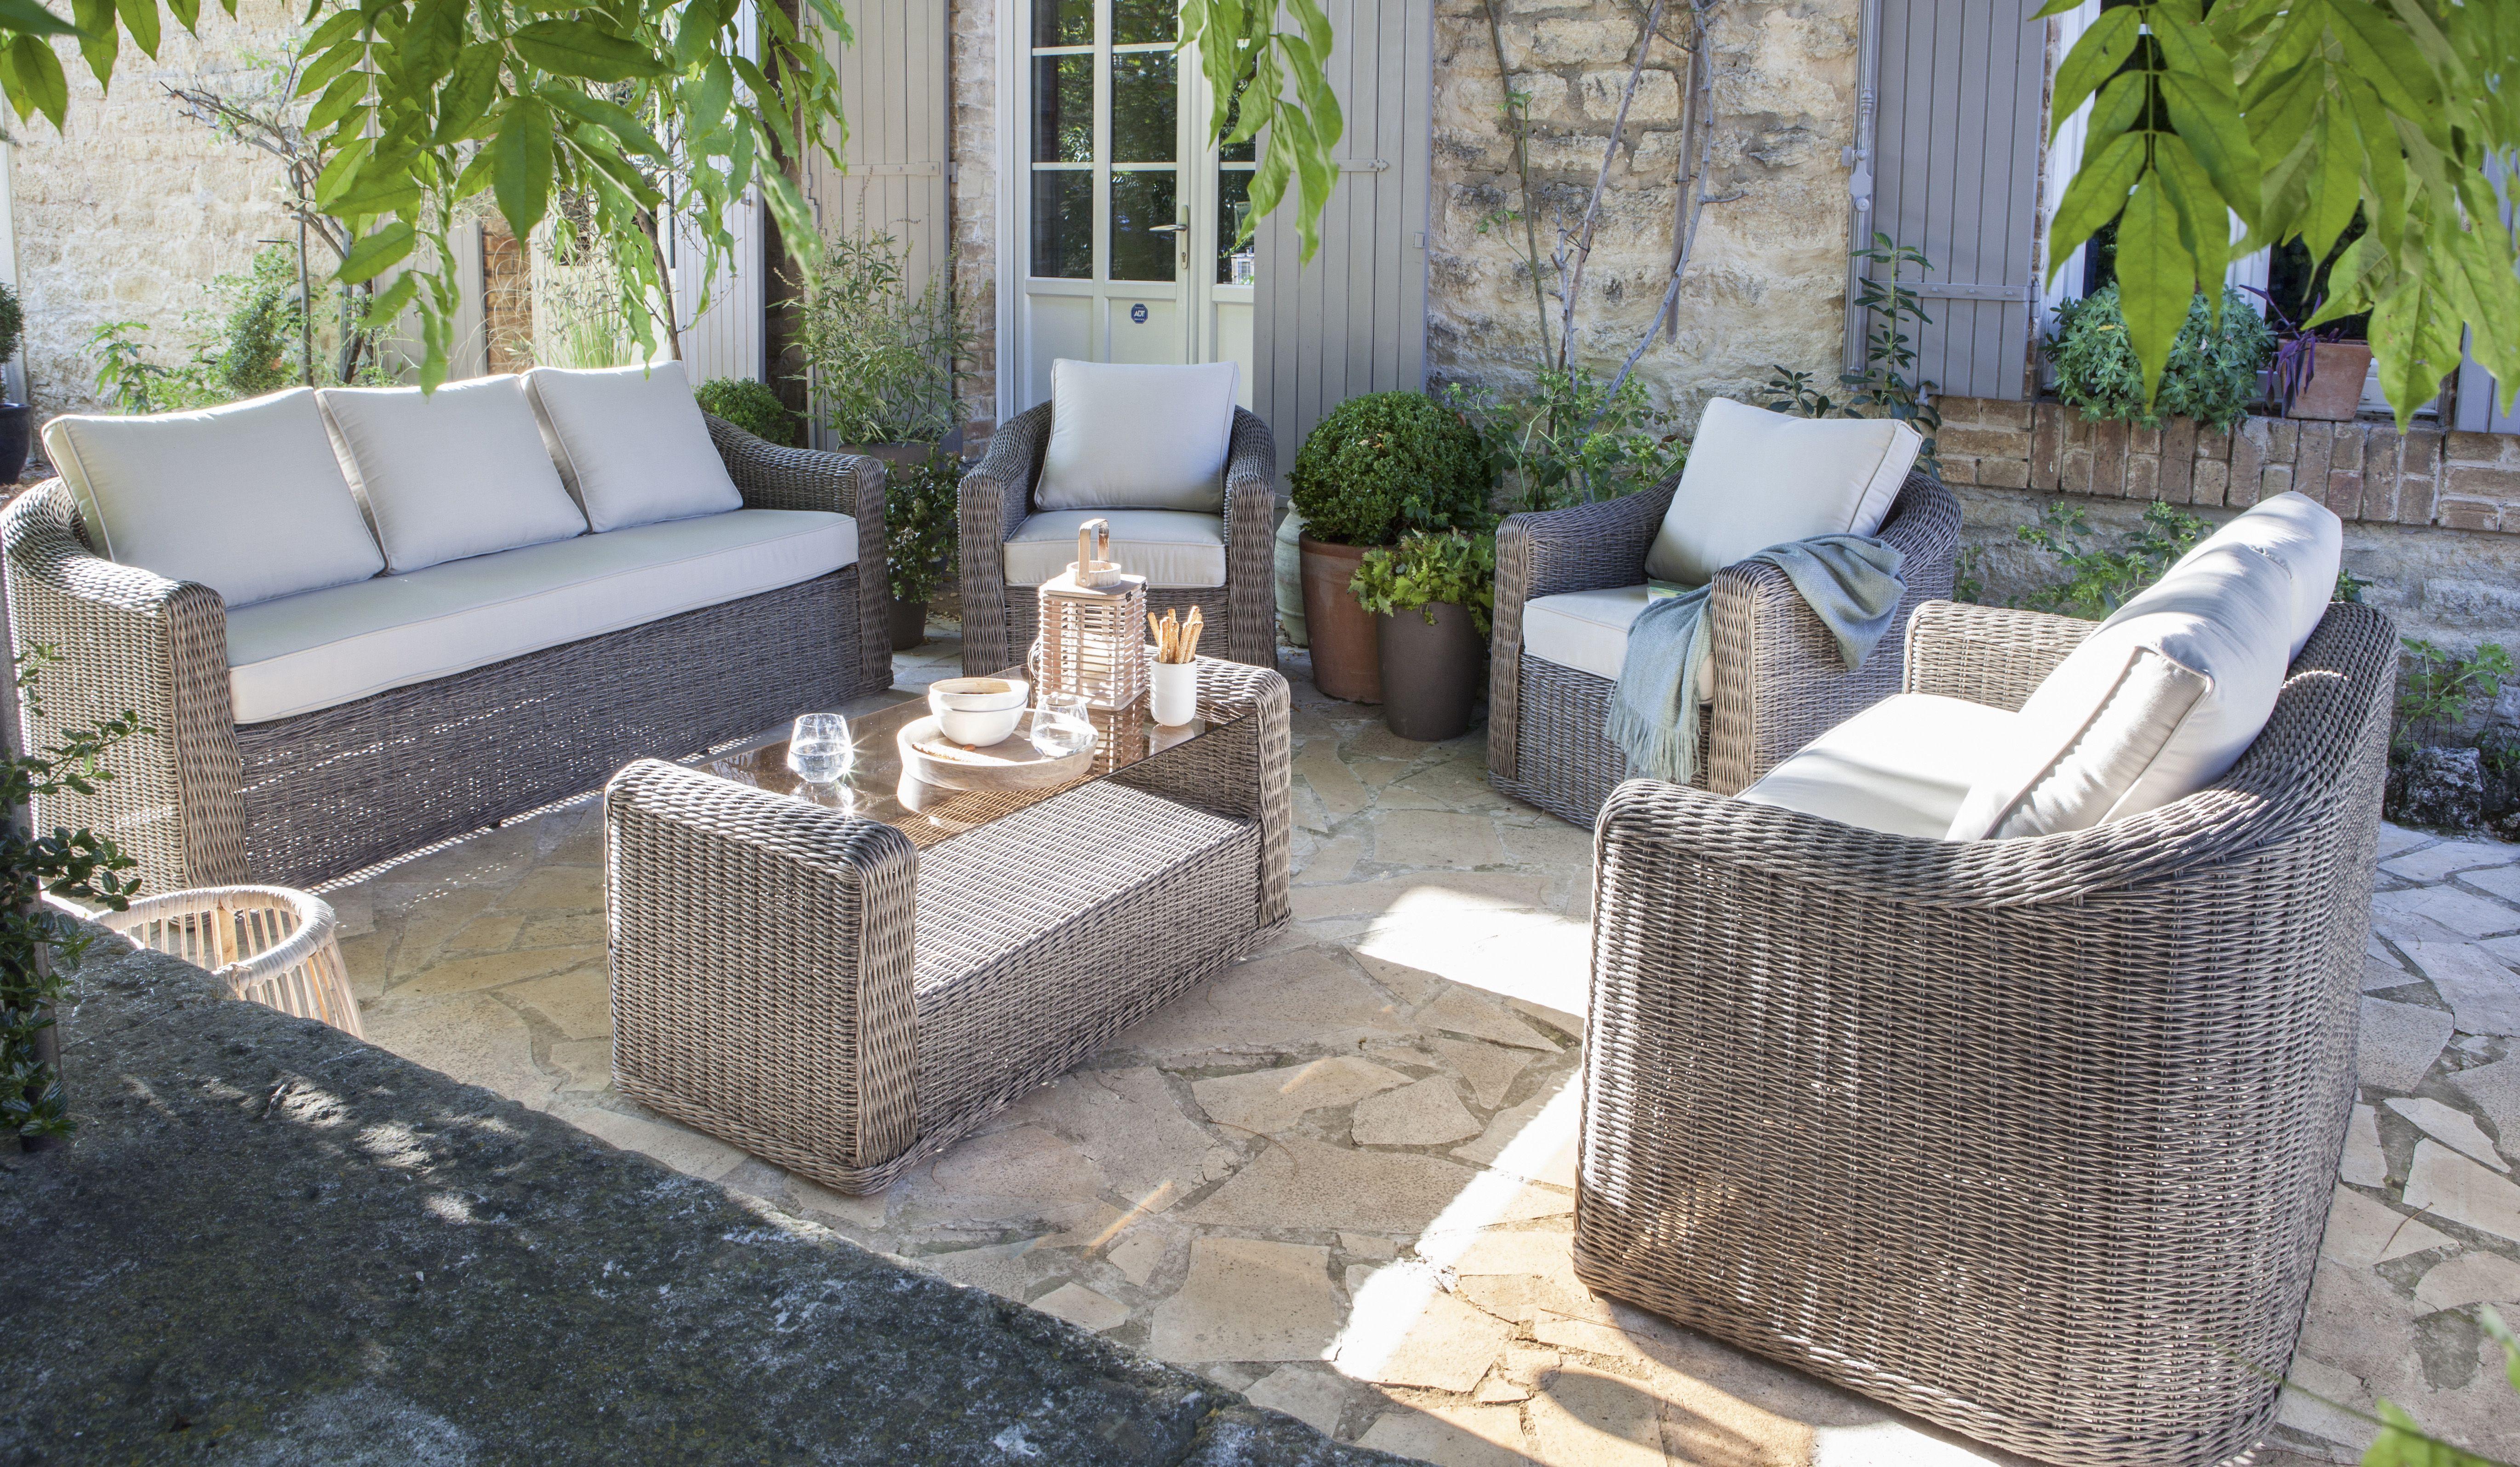 un salon de jardin gris anthracite en resine tressee pour des moments detente dans le jardin l salon de jardin castorama mobilier jardin salon de jardin gris